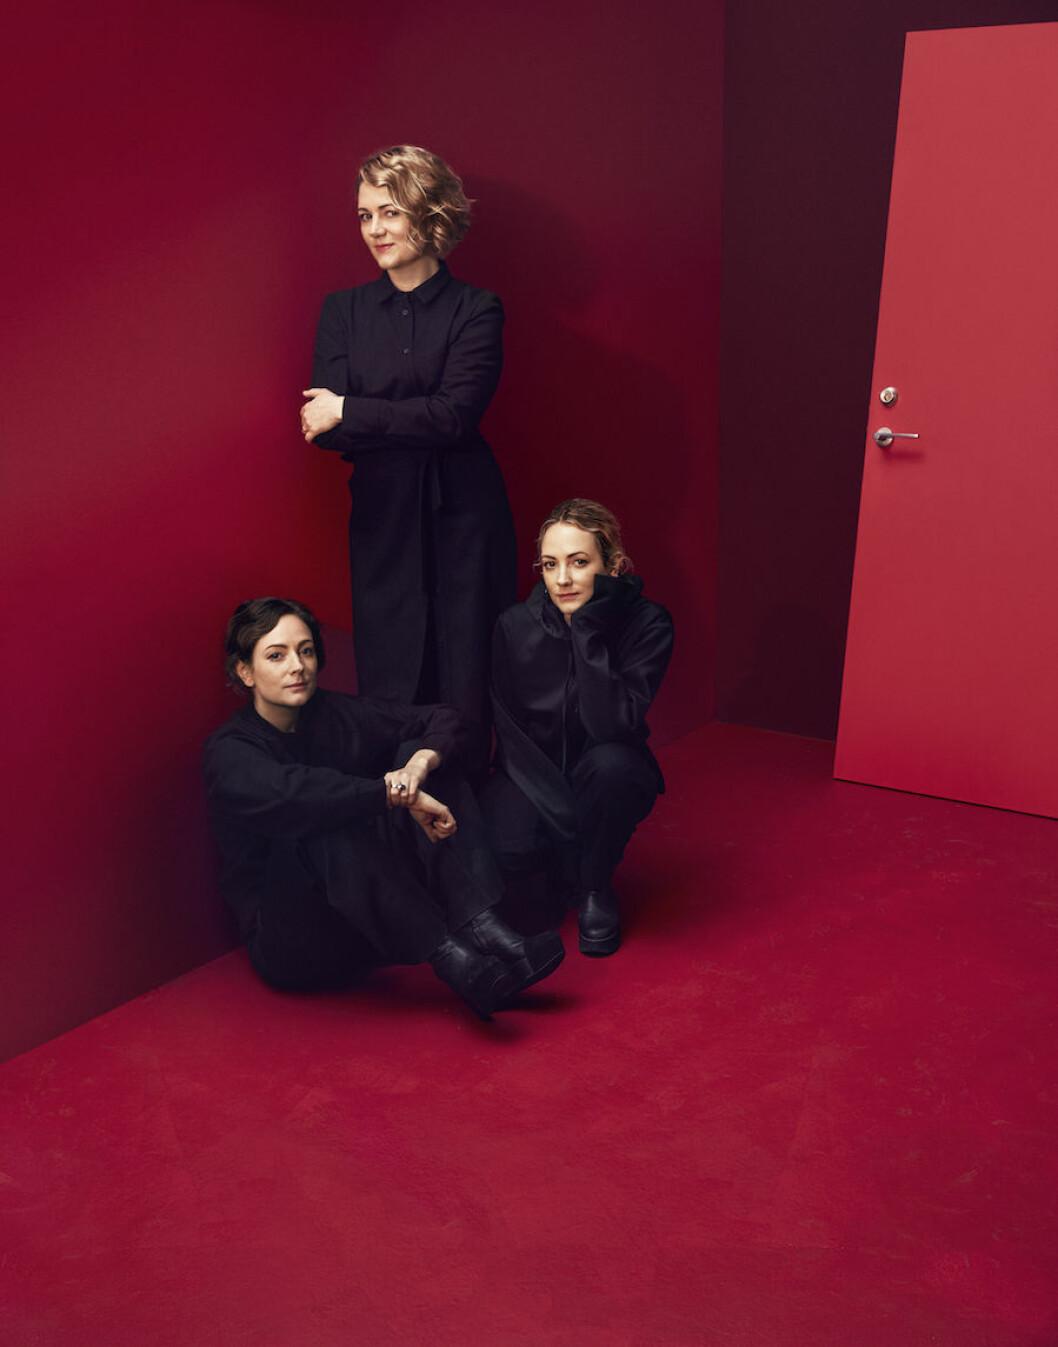 Systrarna bakom designvarumärket Minimarket fotade tillsammans i ett rött rum.